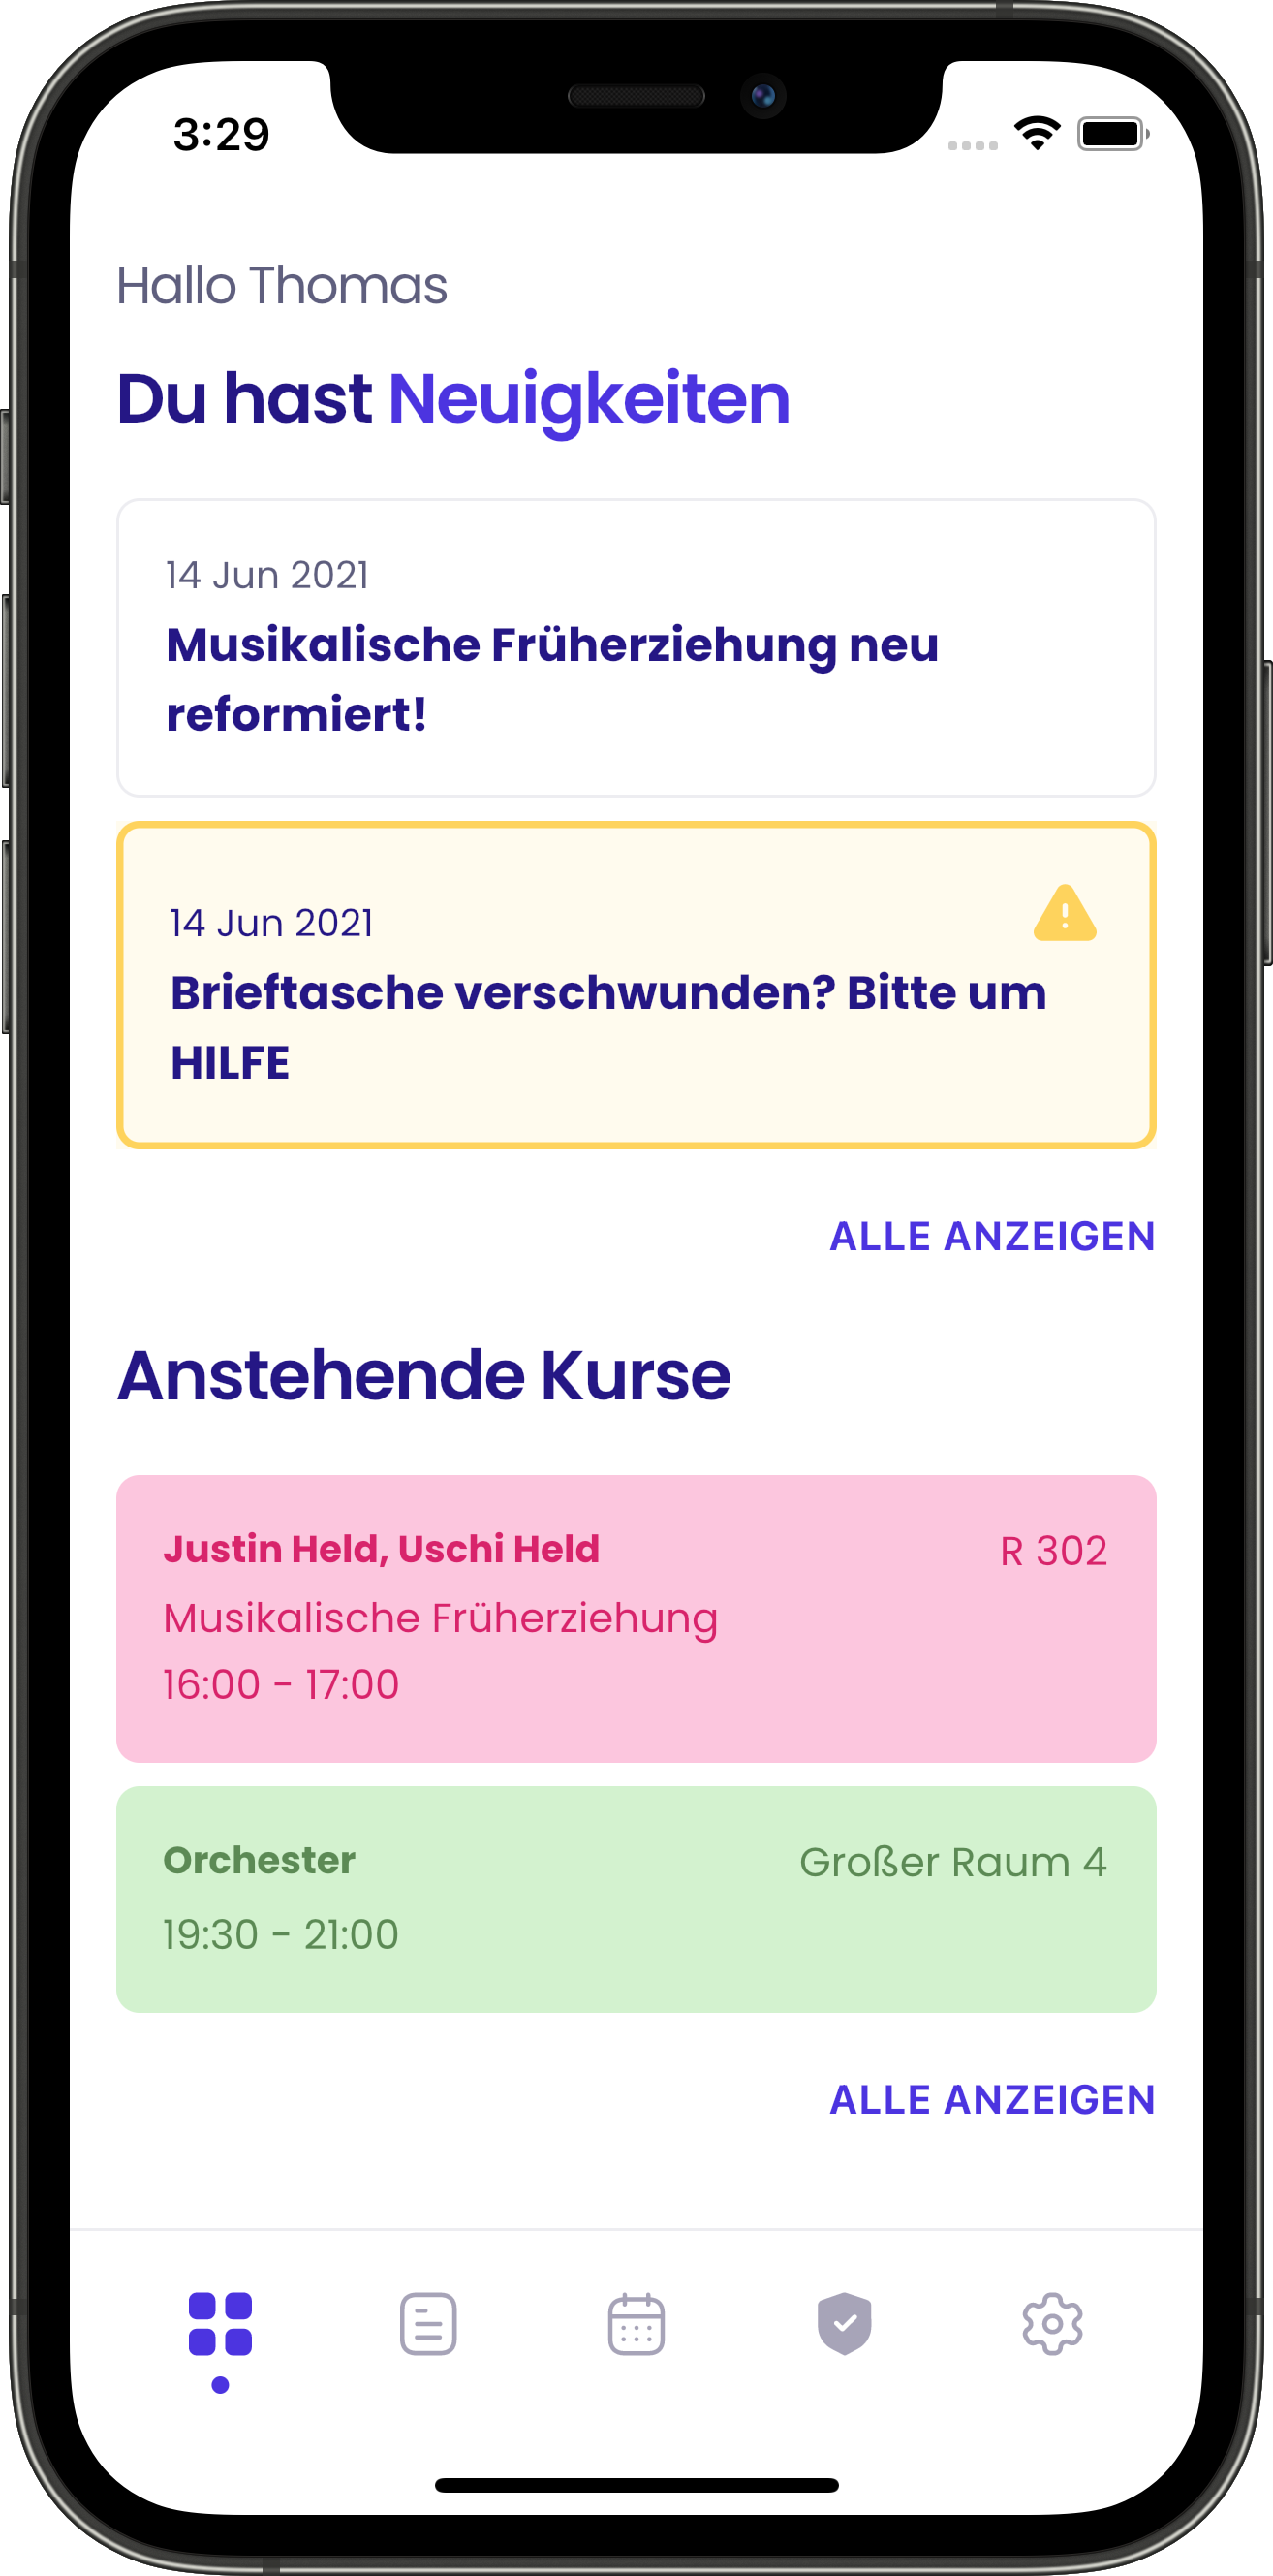 Ein Screenshot des Dashboards der Appella App in einem Smartphone. Auf dem Dashboard sind aktuelle     Neuigkeiten und anstehende Kurse zu sehen.